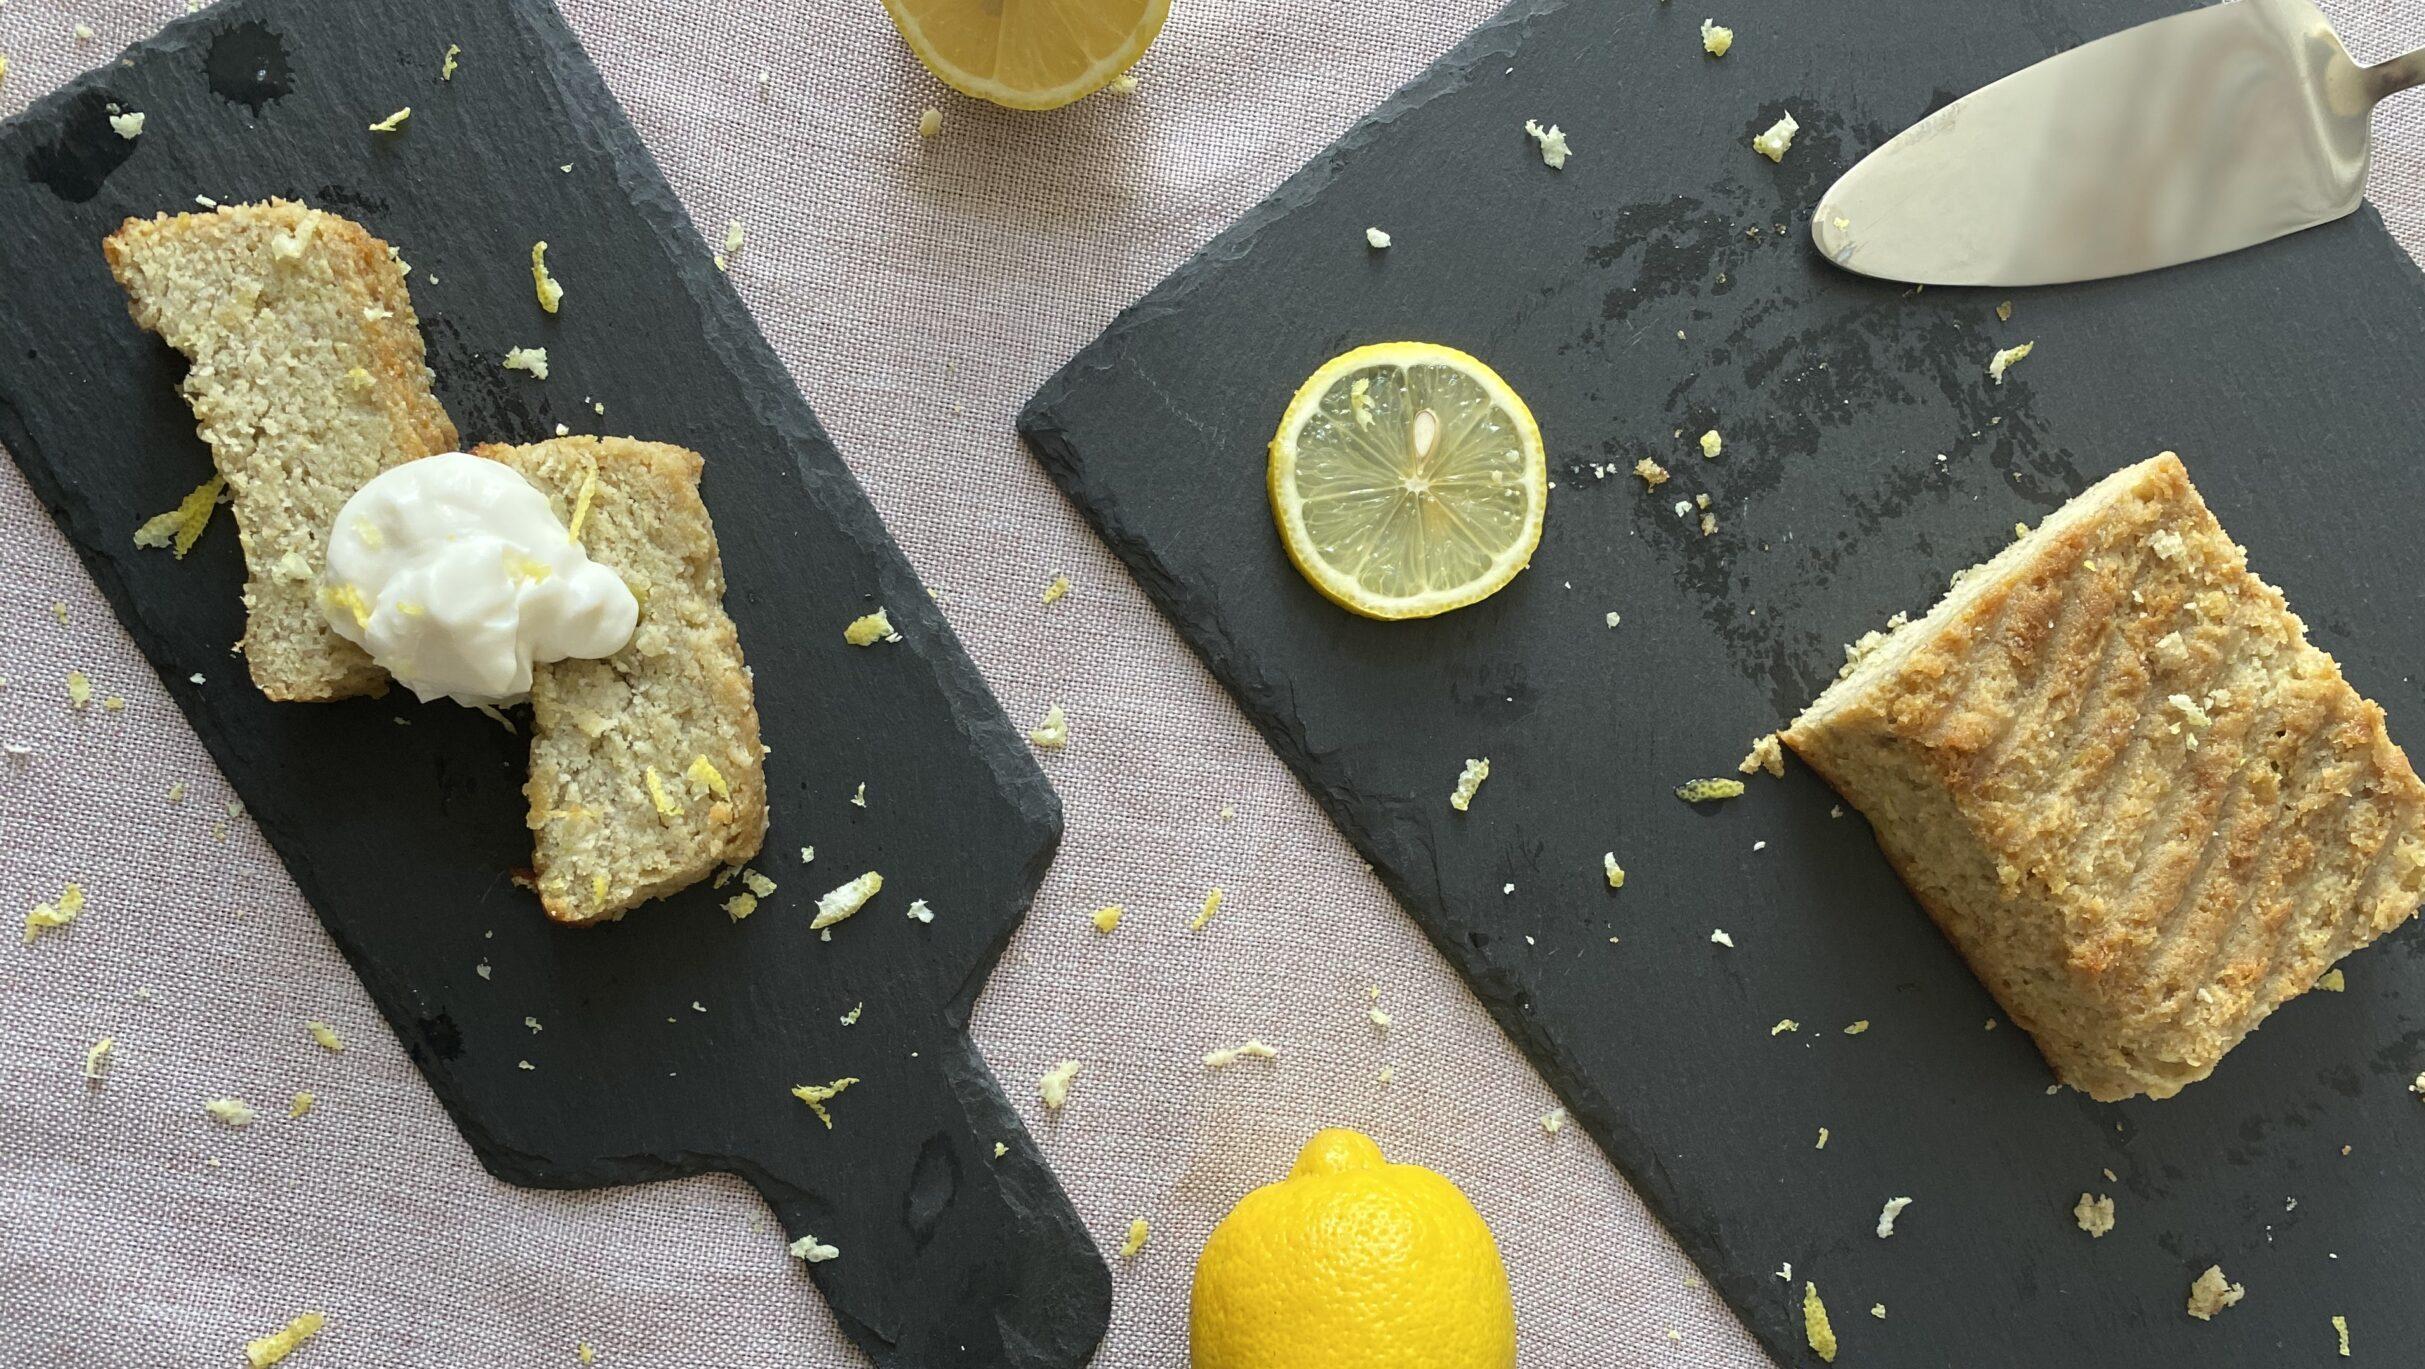 AIP cuketový chlebík bez cukru, lepku a lakt=ozy